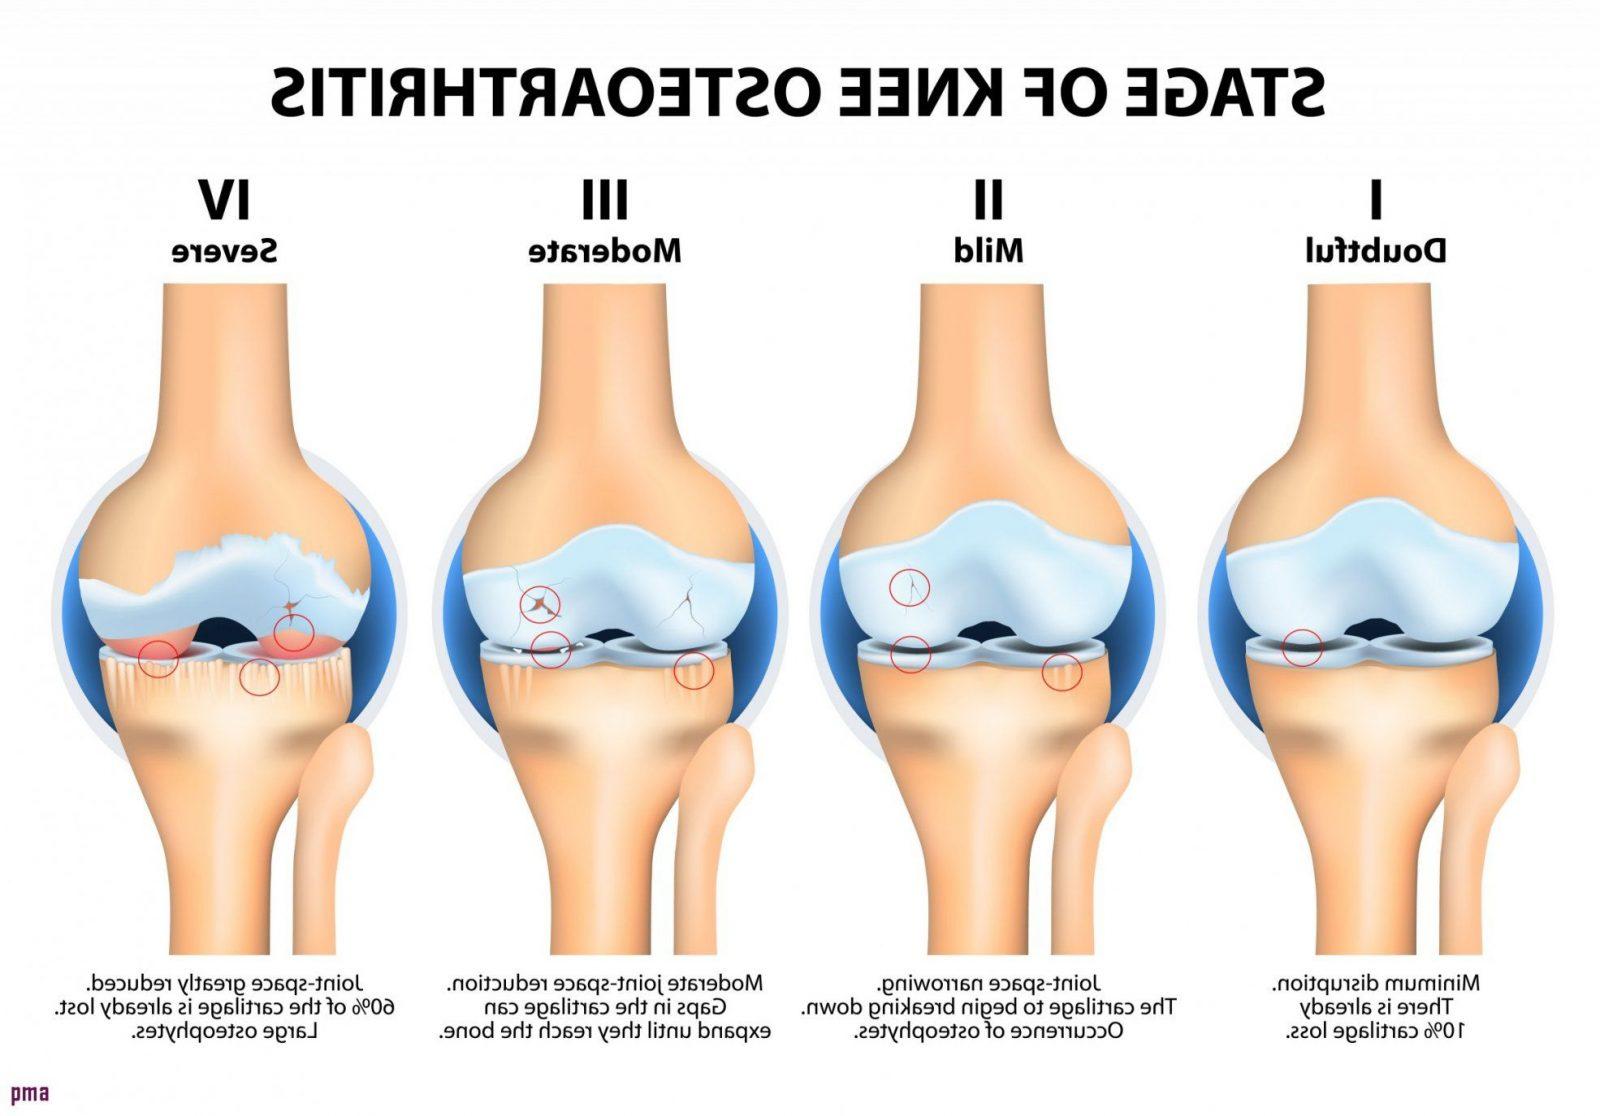 Knieschmerzen Beim Treppen Laufen 37 Frisch Muster Oben von Knieschmerzen Beim Treppen Runtergehen Photo